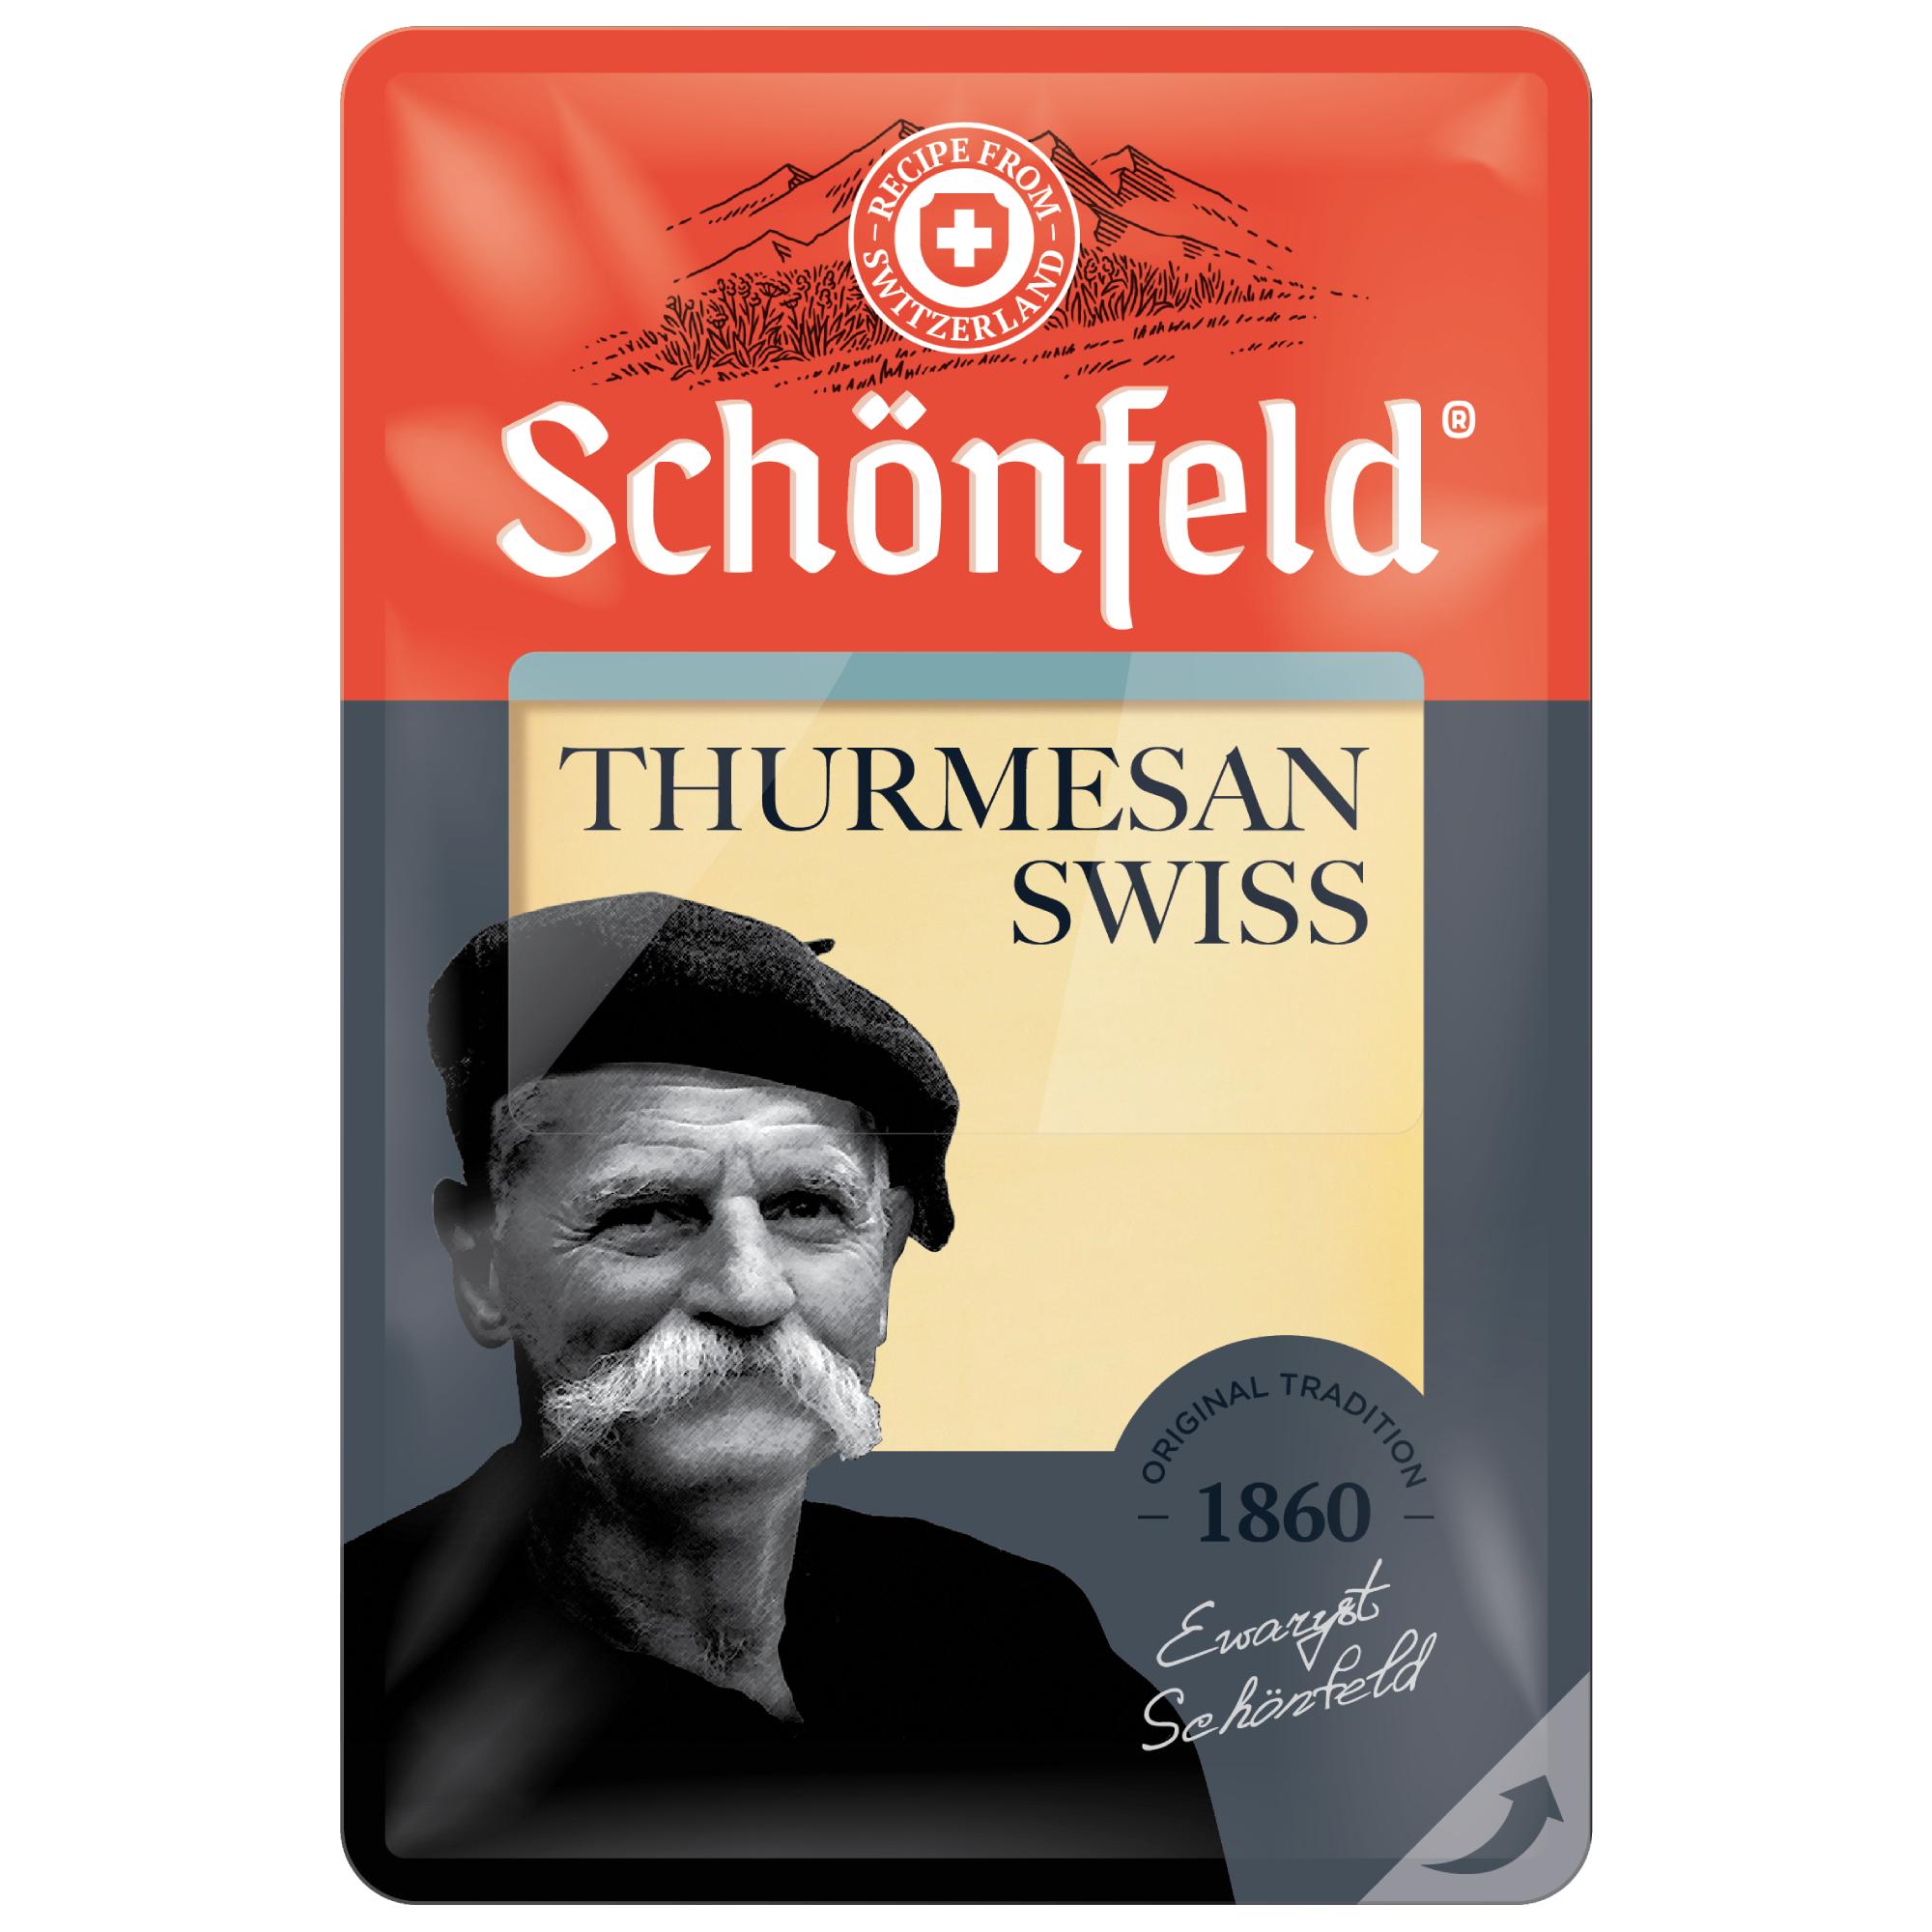 Сыр Schonfeld Swiss Thurmesan нарезка 52% 125 г сыр полутвердый schonfeld pepato с перцем горошком 50% кг